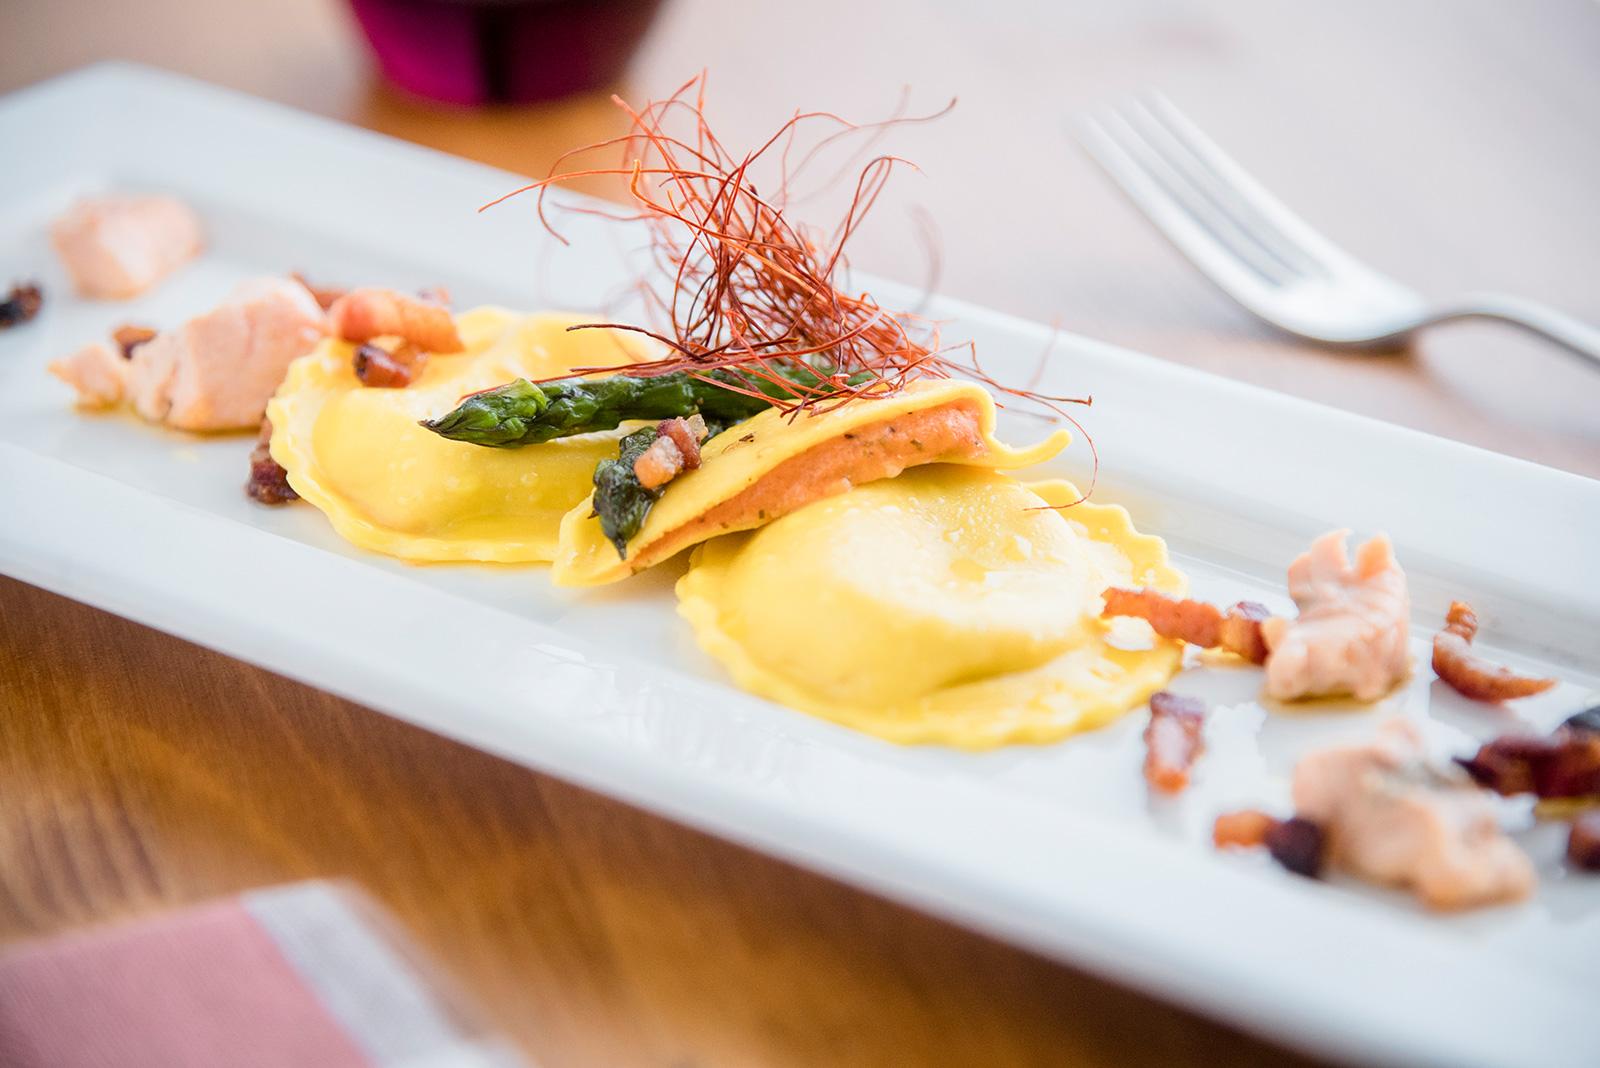 Ricetta Girasoli Senza Glutine con Guanciale e Asparagi - Pasta di Venezia